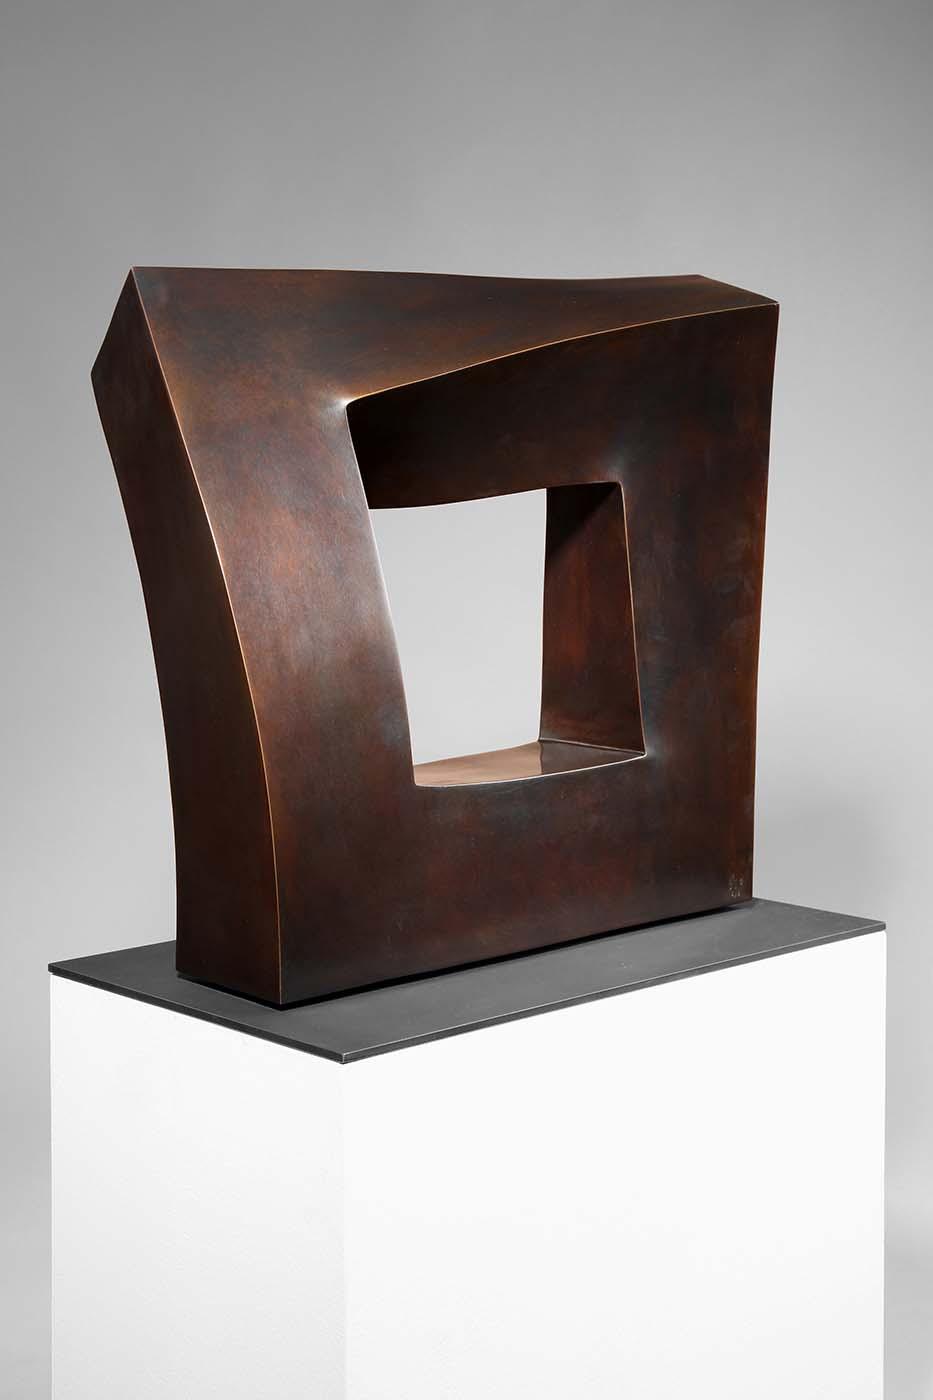 Kontinuität, 2010, Bronze, ca. 40 x 40 x 10 cm (01)